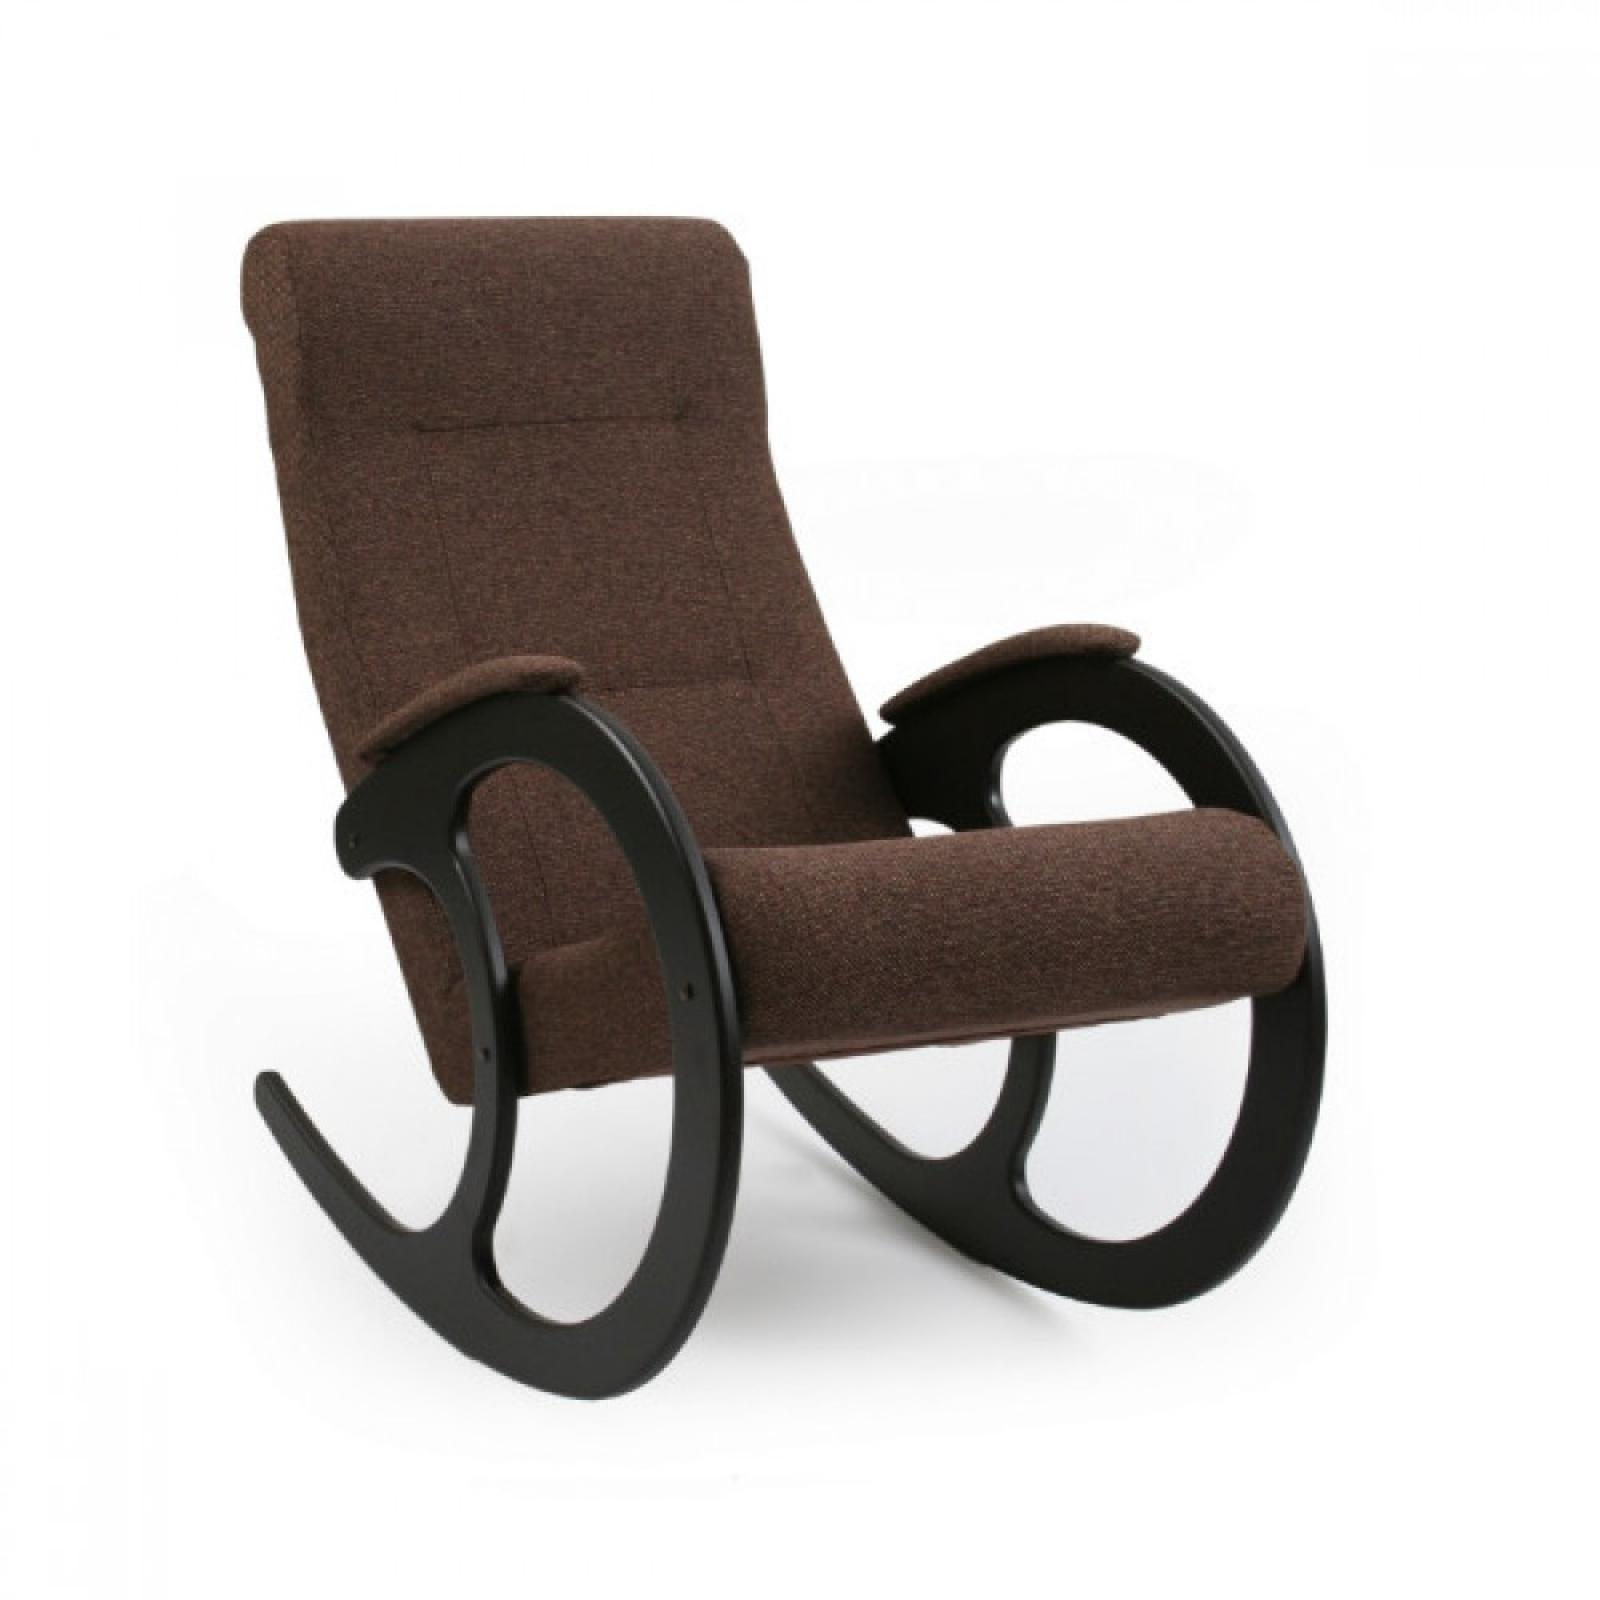 Кресло-качалка, Модель 3 Венге/Мальта 15 - 1